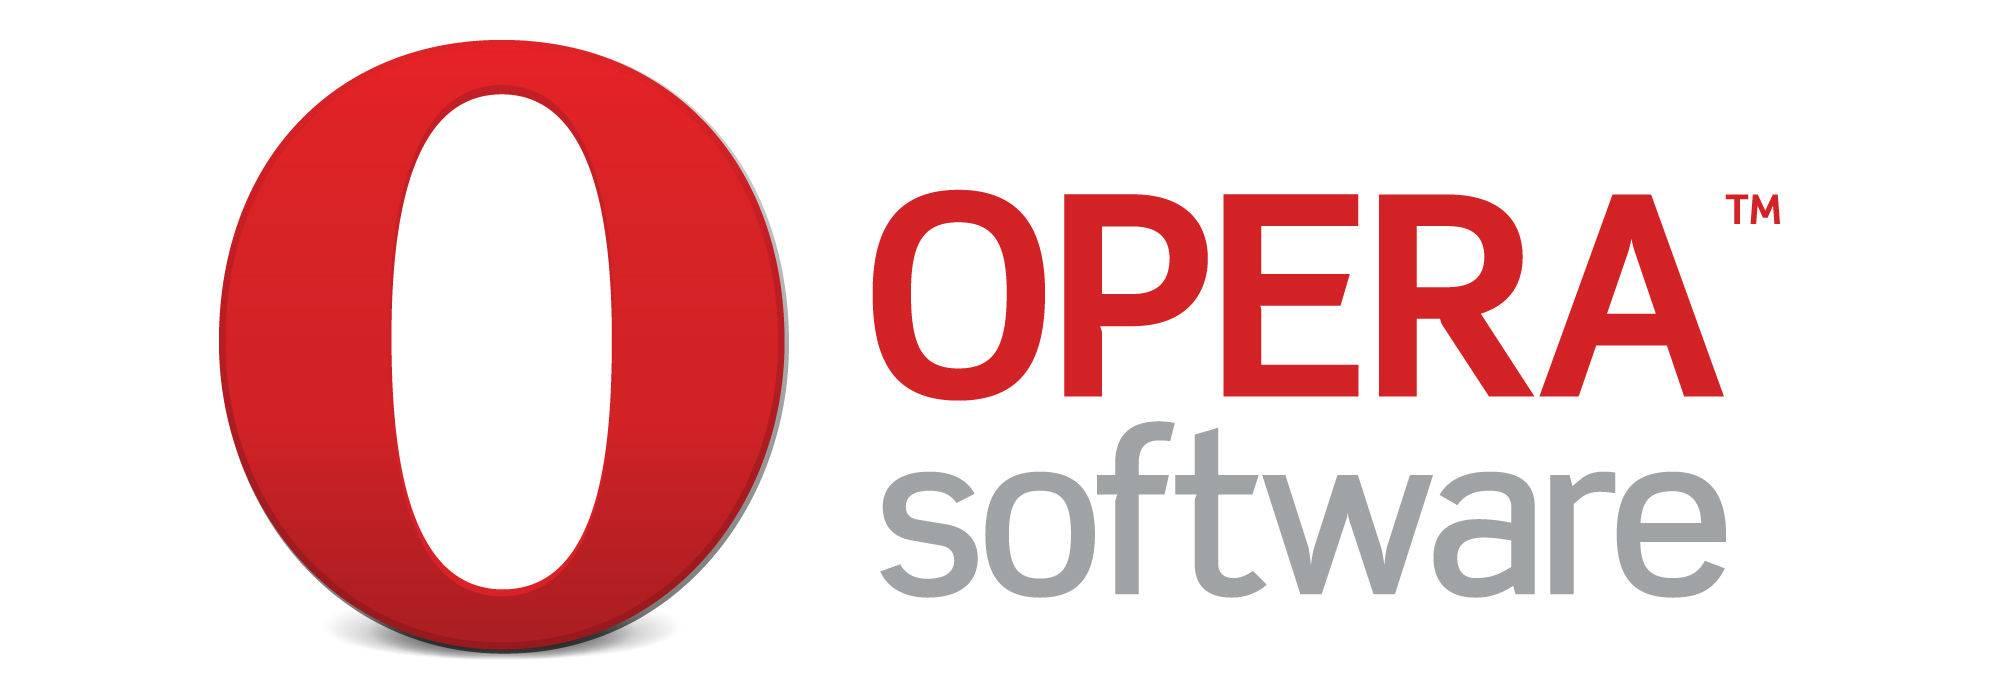 opera_logo_huge.jpg